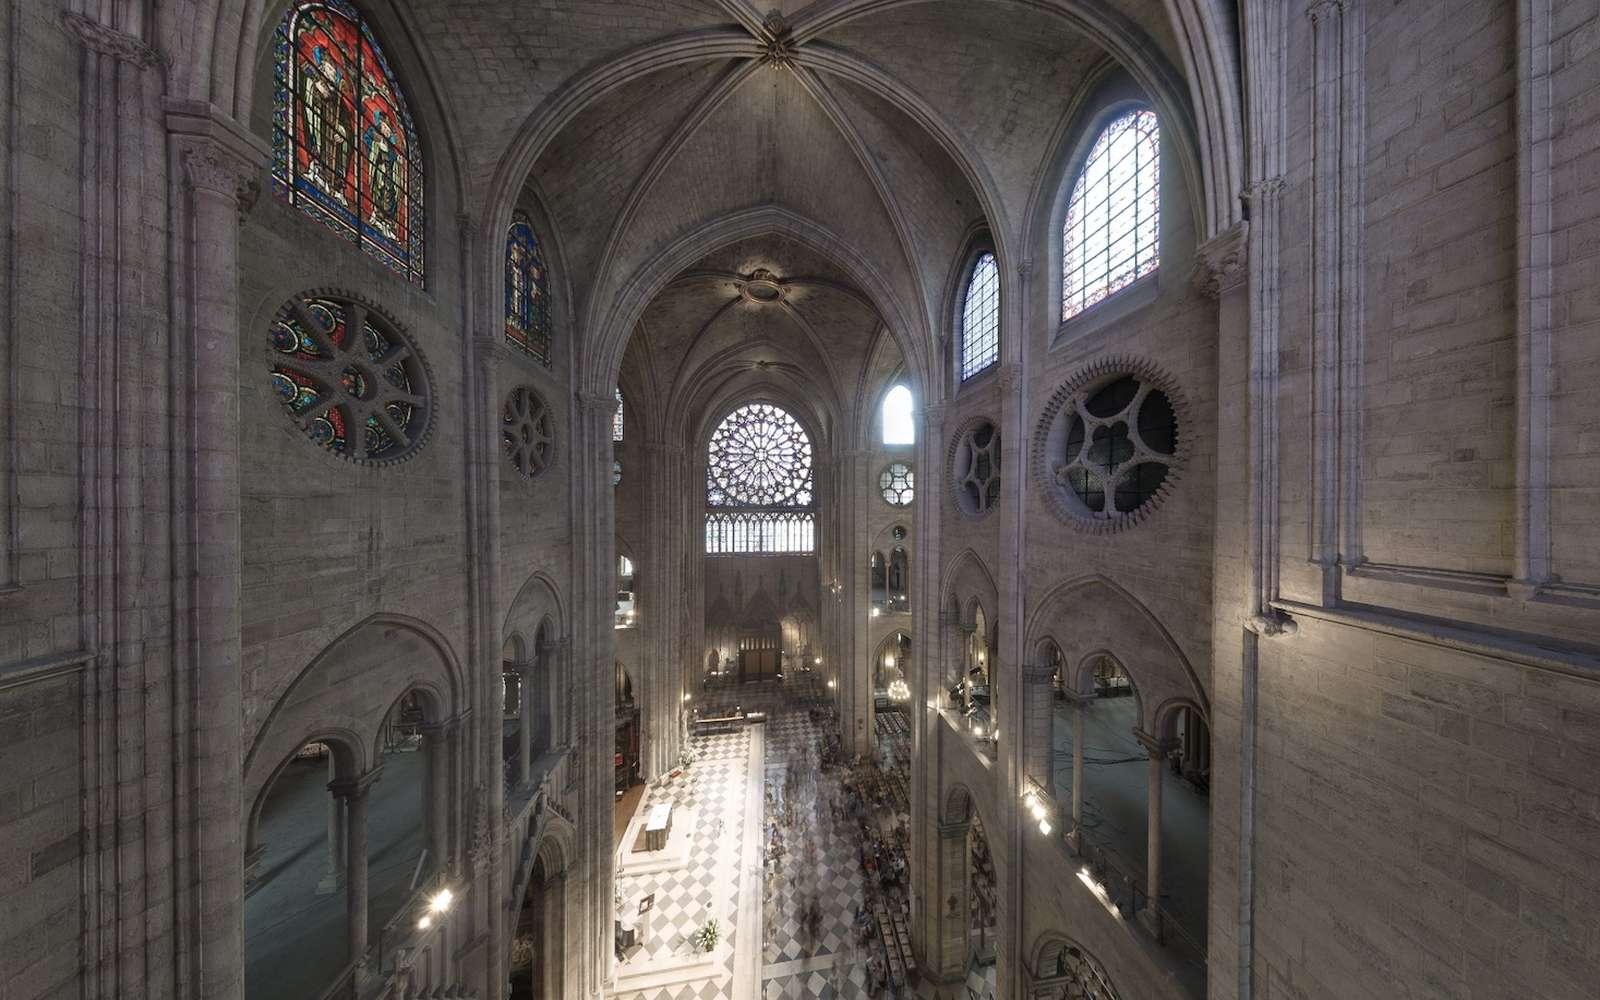 Le nuage de points révèle la structure et les secrets de fabrication de la cathédrale. © Andrew Tallon